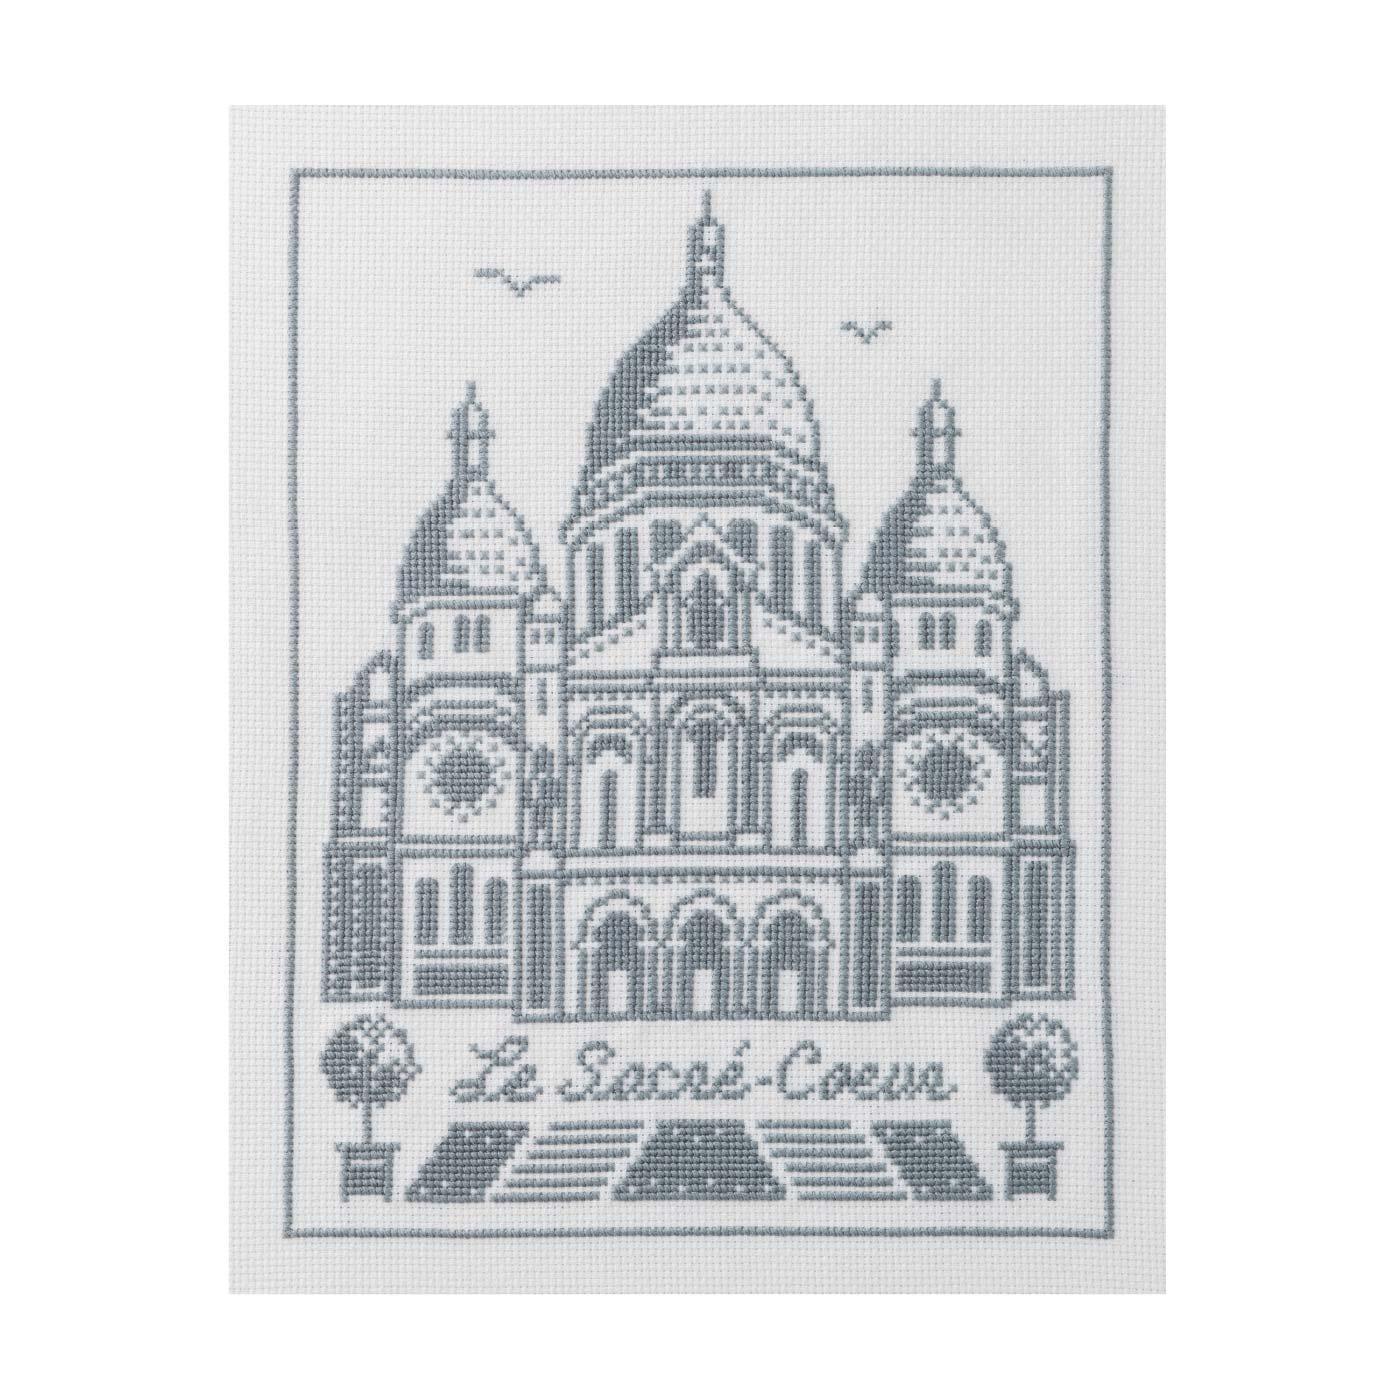 Le Sacré-Coeur:サクレ・クール寺院